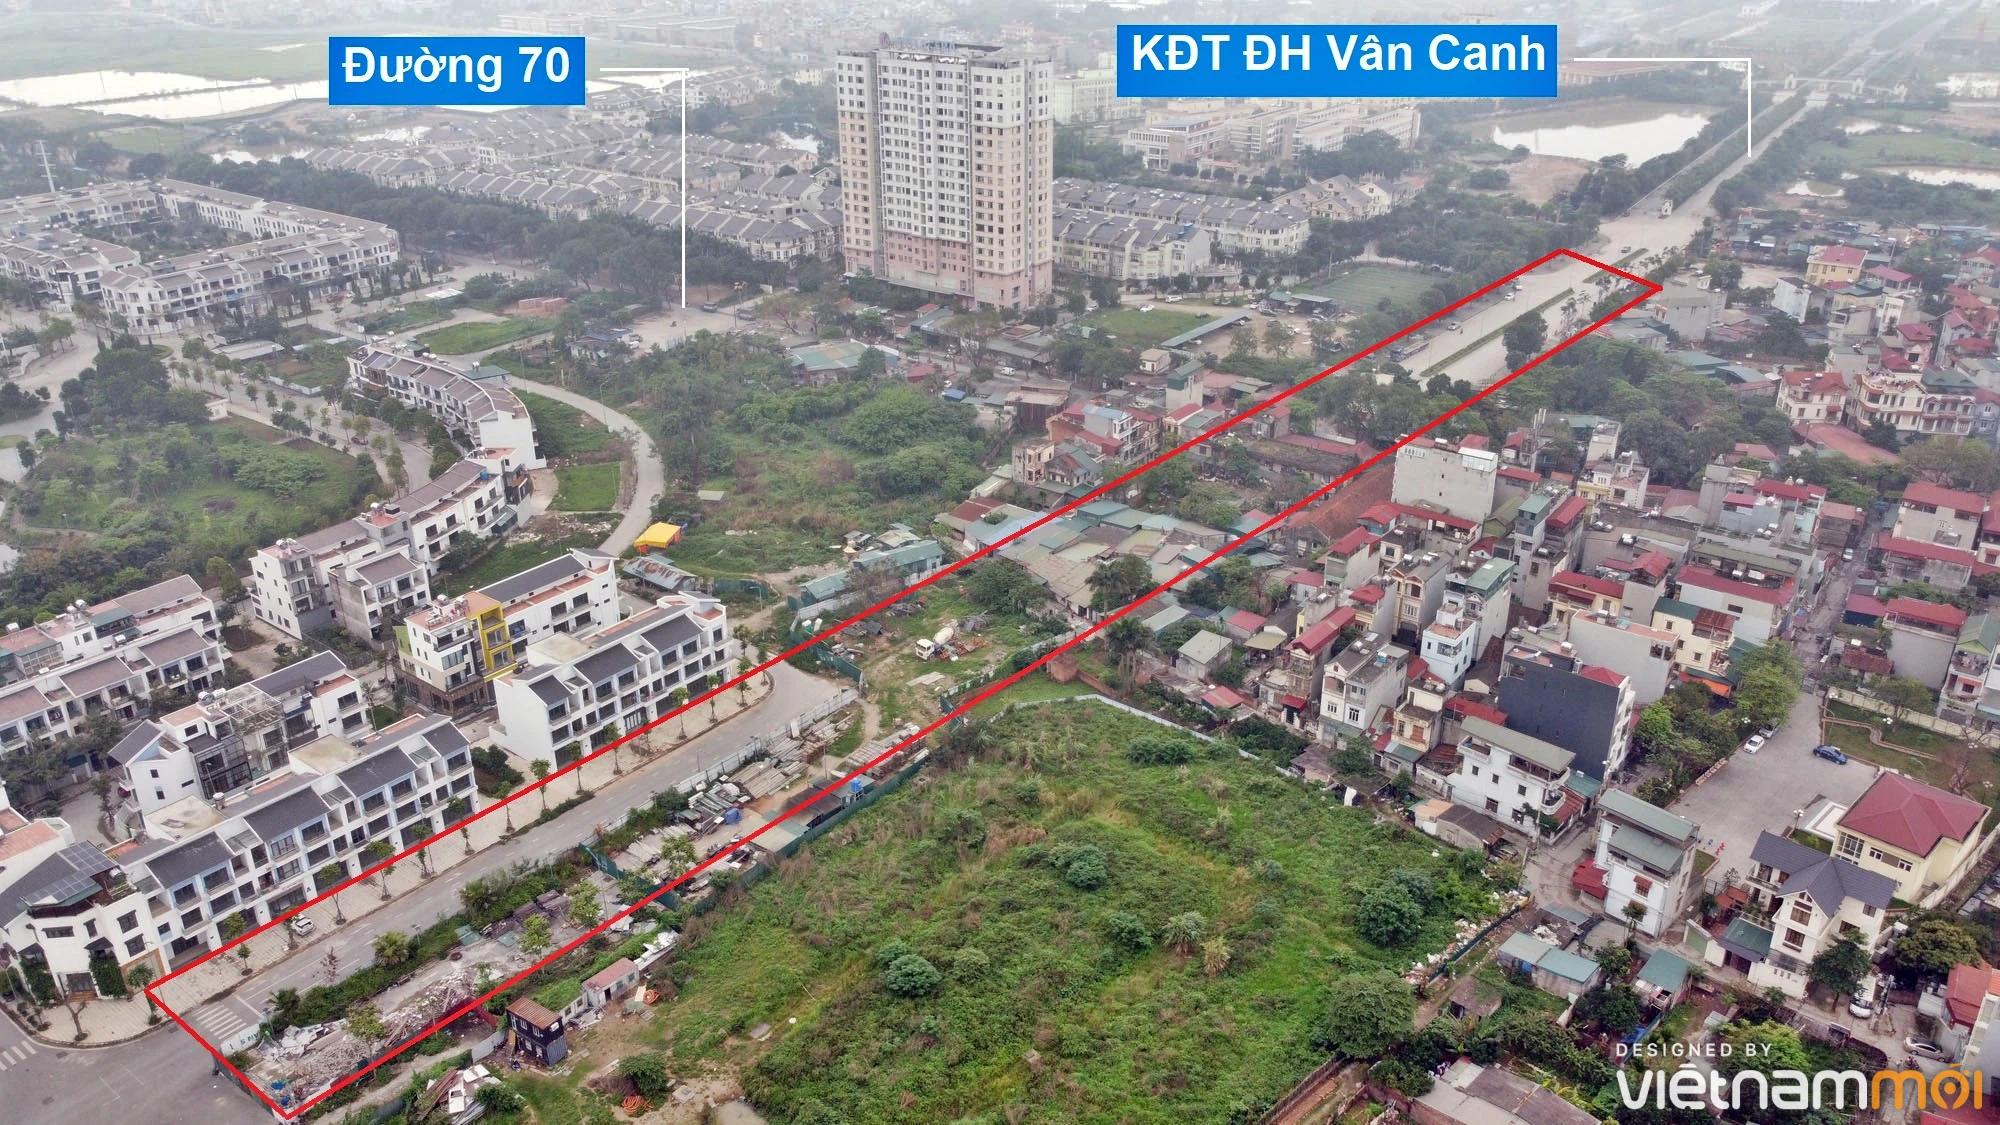 Những khu đất sắp thu hồi để mở đường ở phường Xuân Phương, Nam Từ Liêm, Hà Nội (phần 2) - Ảnh 14.